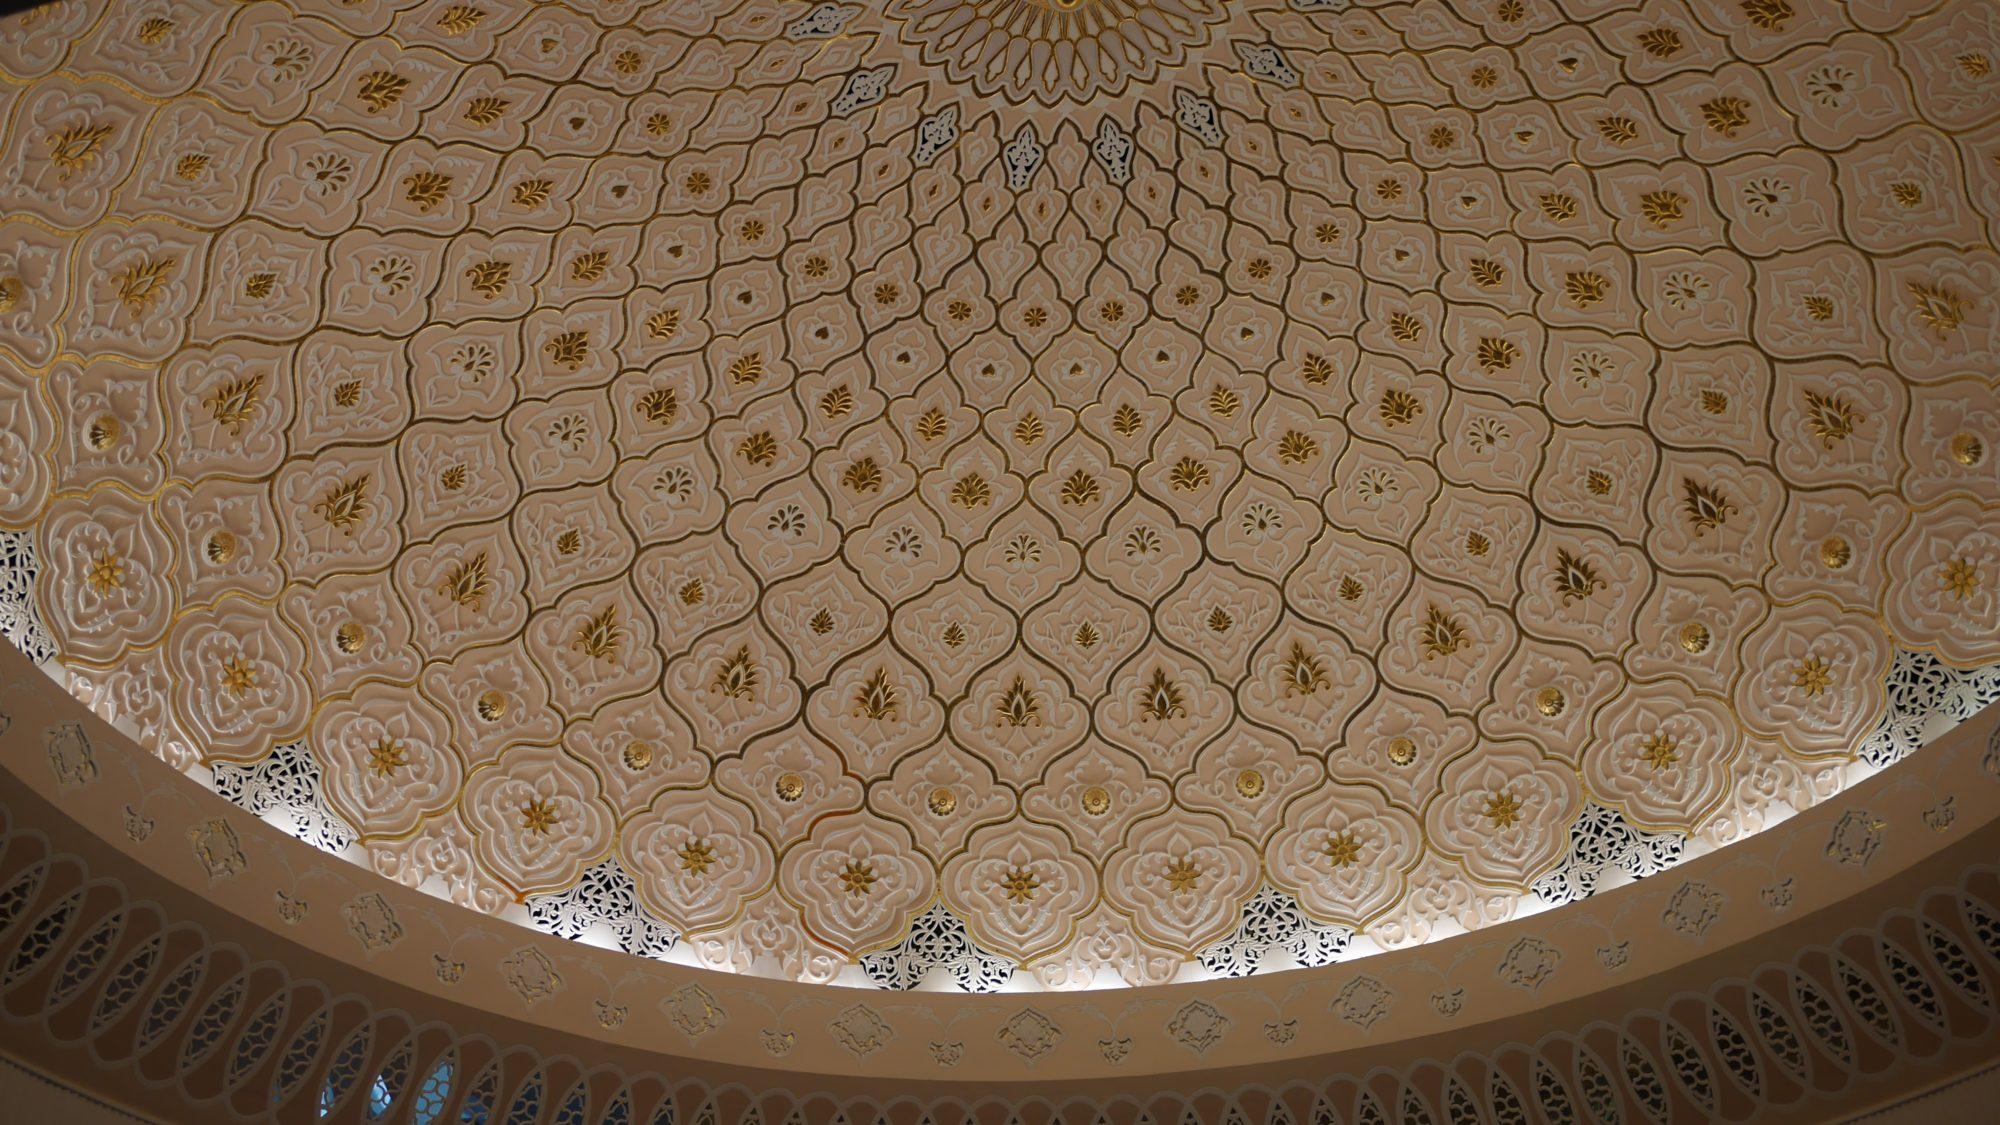 モスクの様なドーム状の天井その2